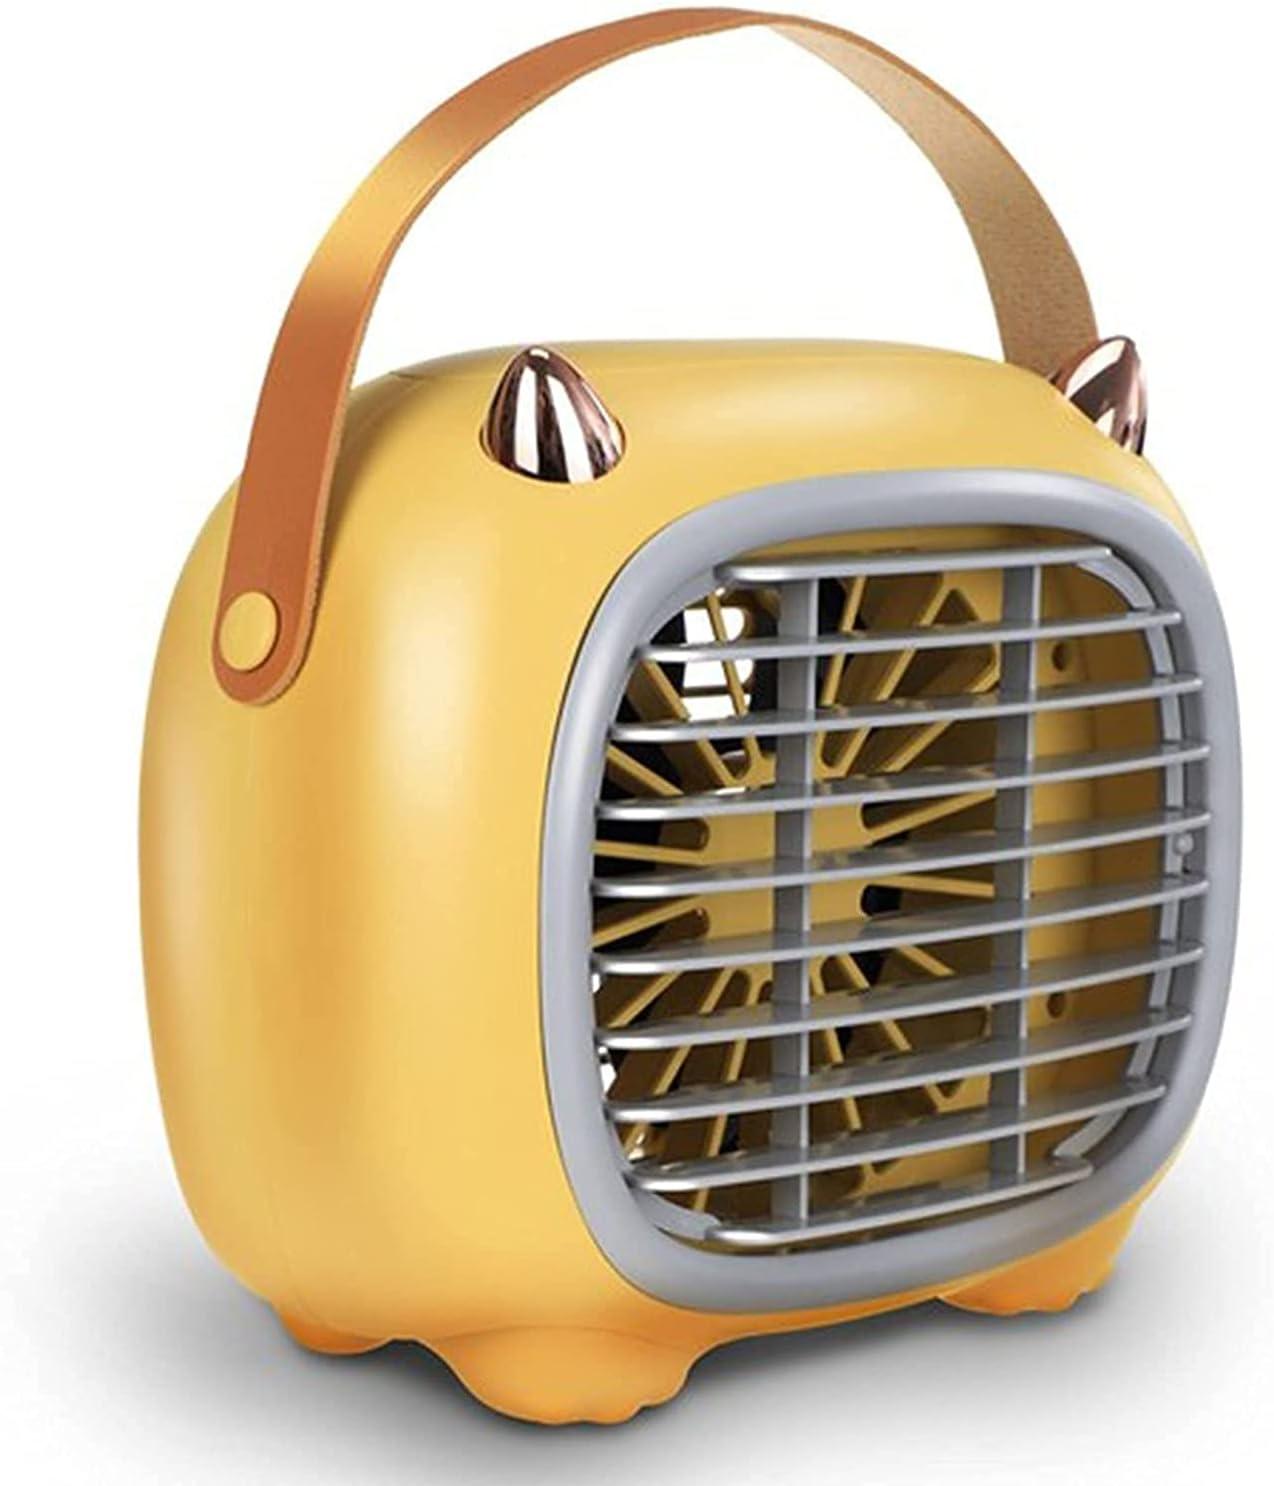 XJYDS Mini Aire Acondicionado Ventilador, Pequeño USB Cargado con 3 Velocidad de Ventilador, 7 LED Light Portable Air Cooler, Aire Acondicionado Móvil para Oficina en el Interior, Blanco, Verde